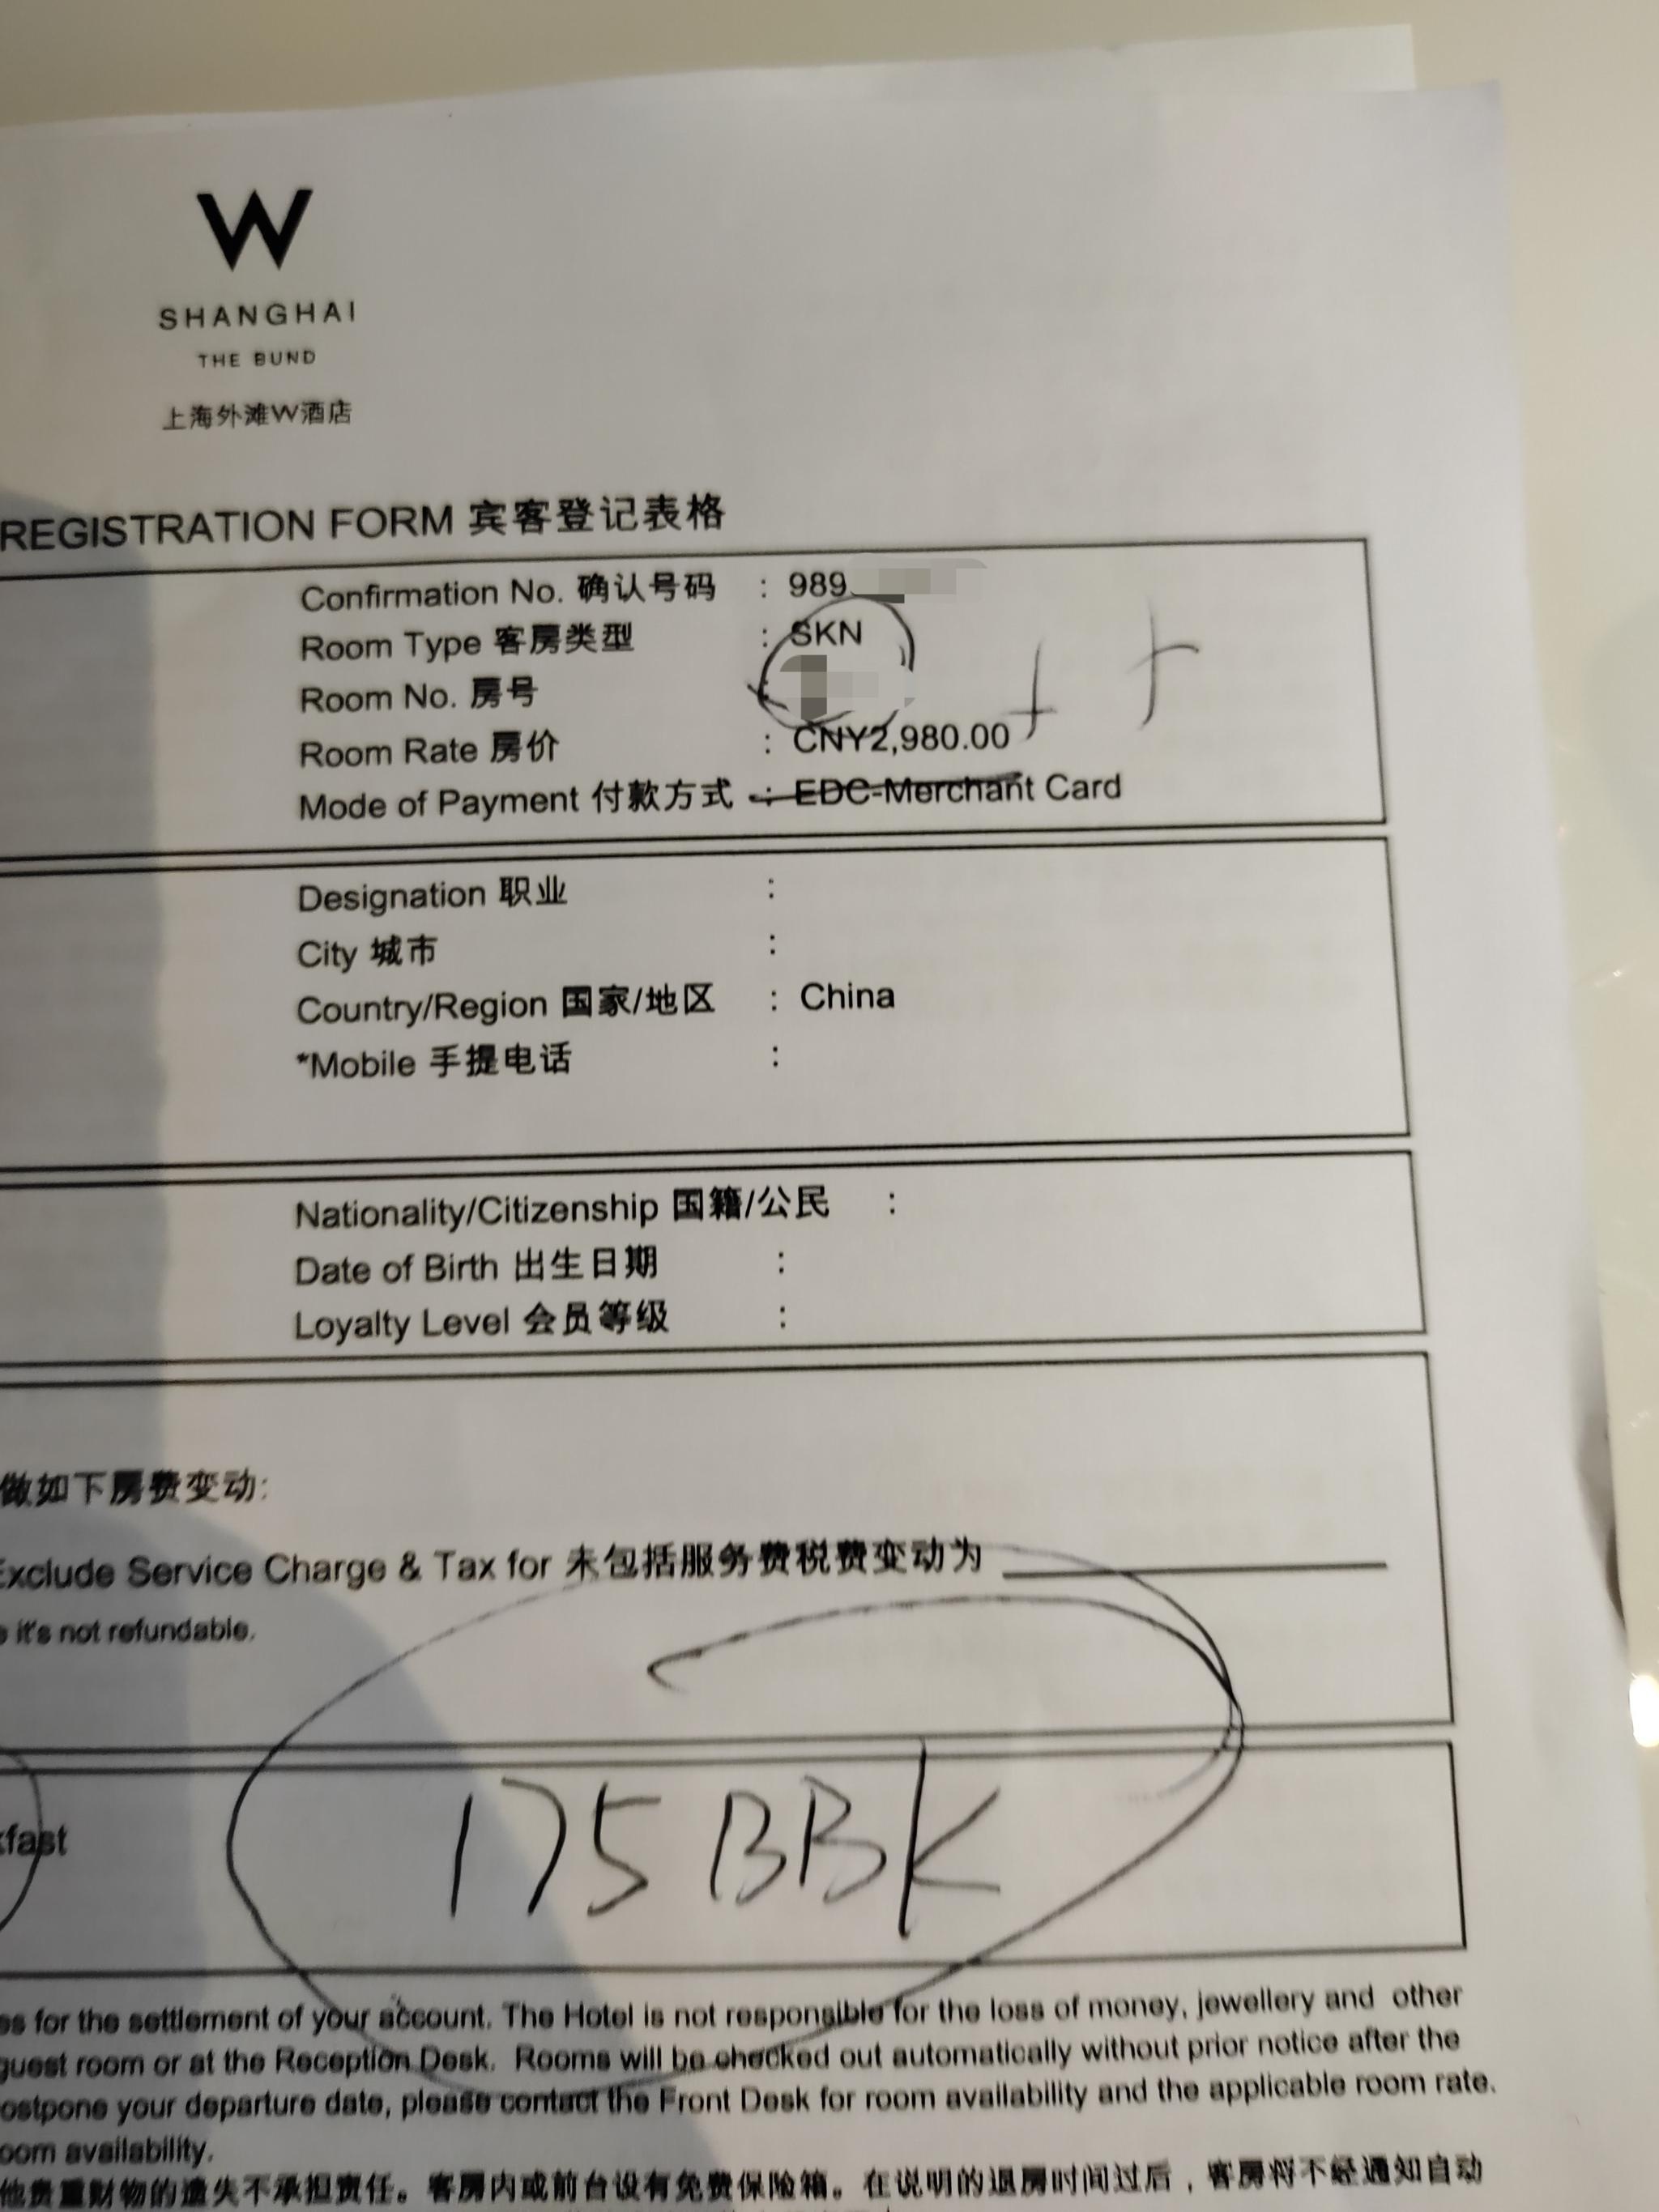 宾客登记表上价格显示为2980元。(来源:受访人供图)